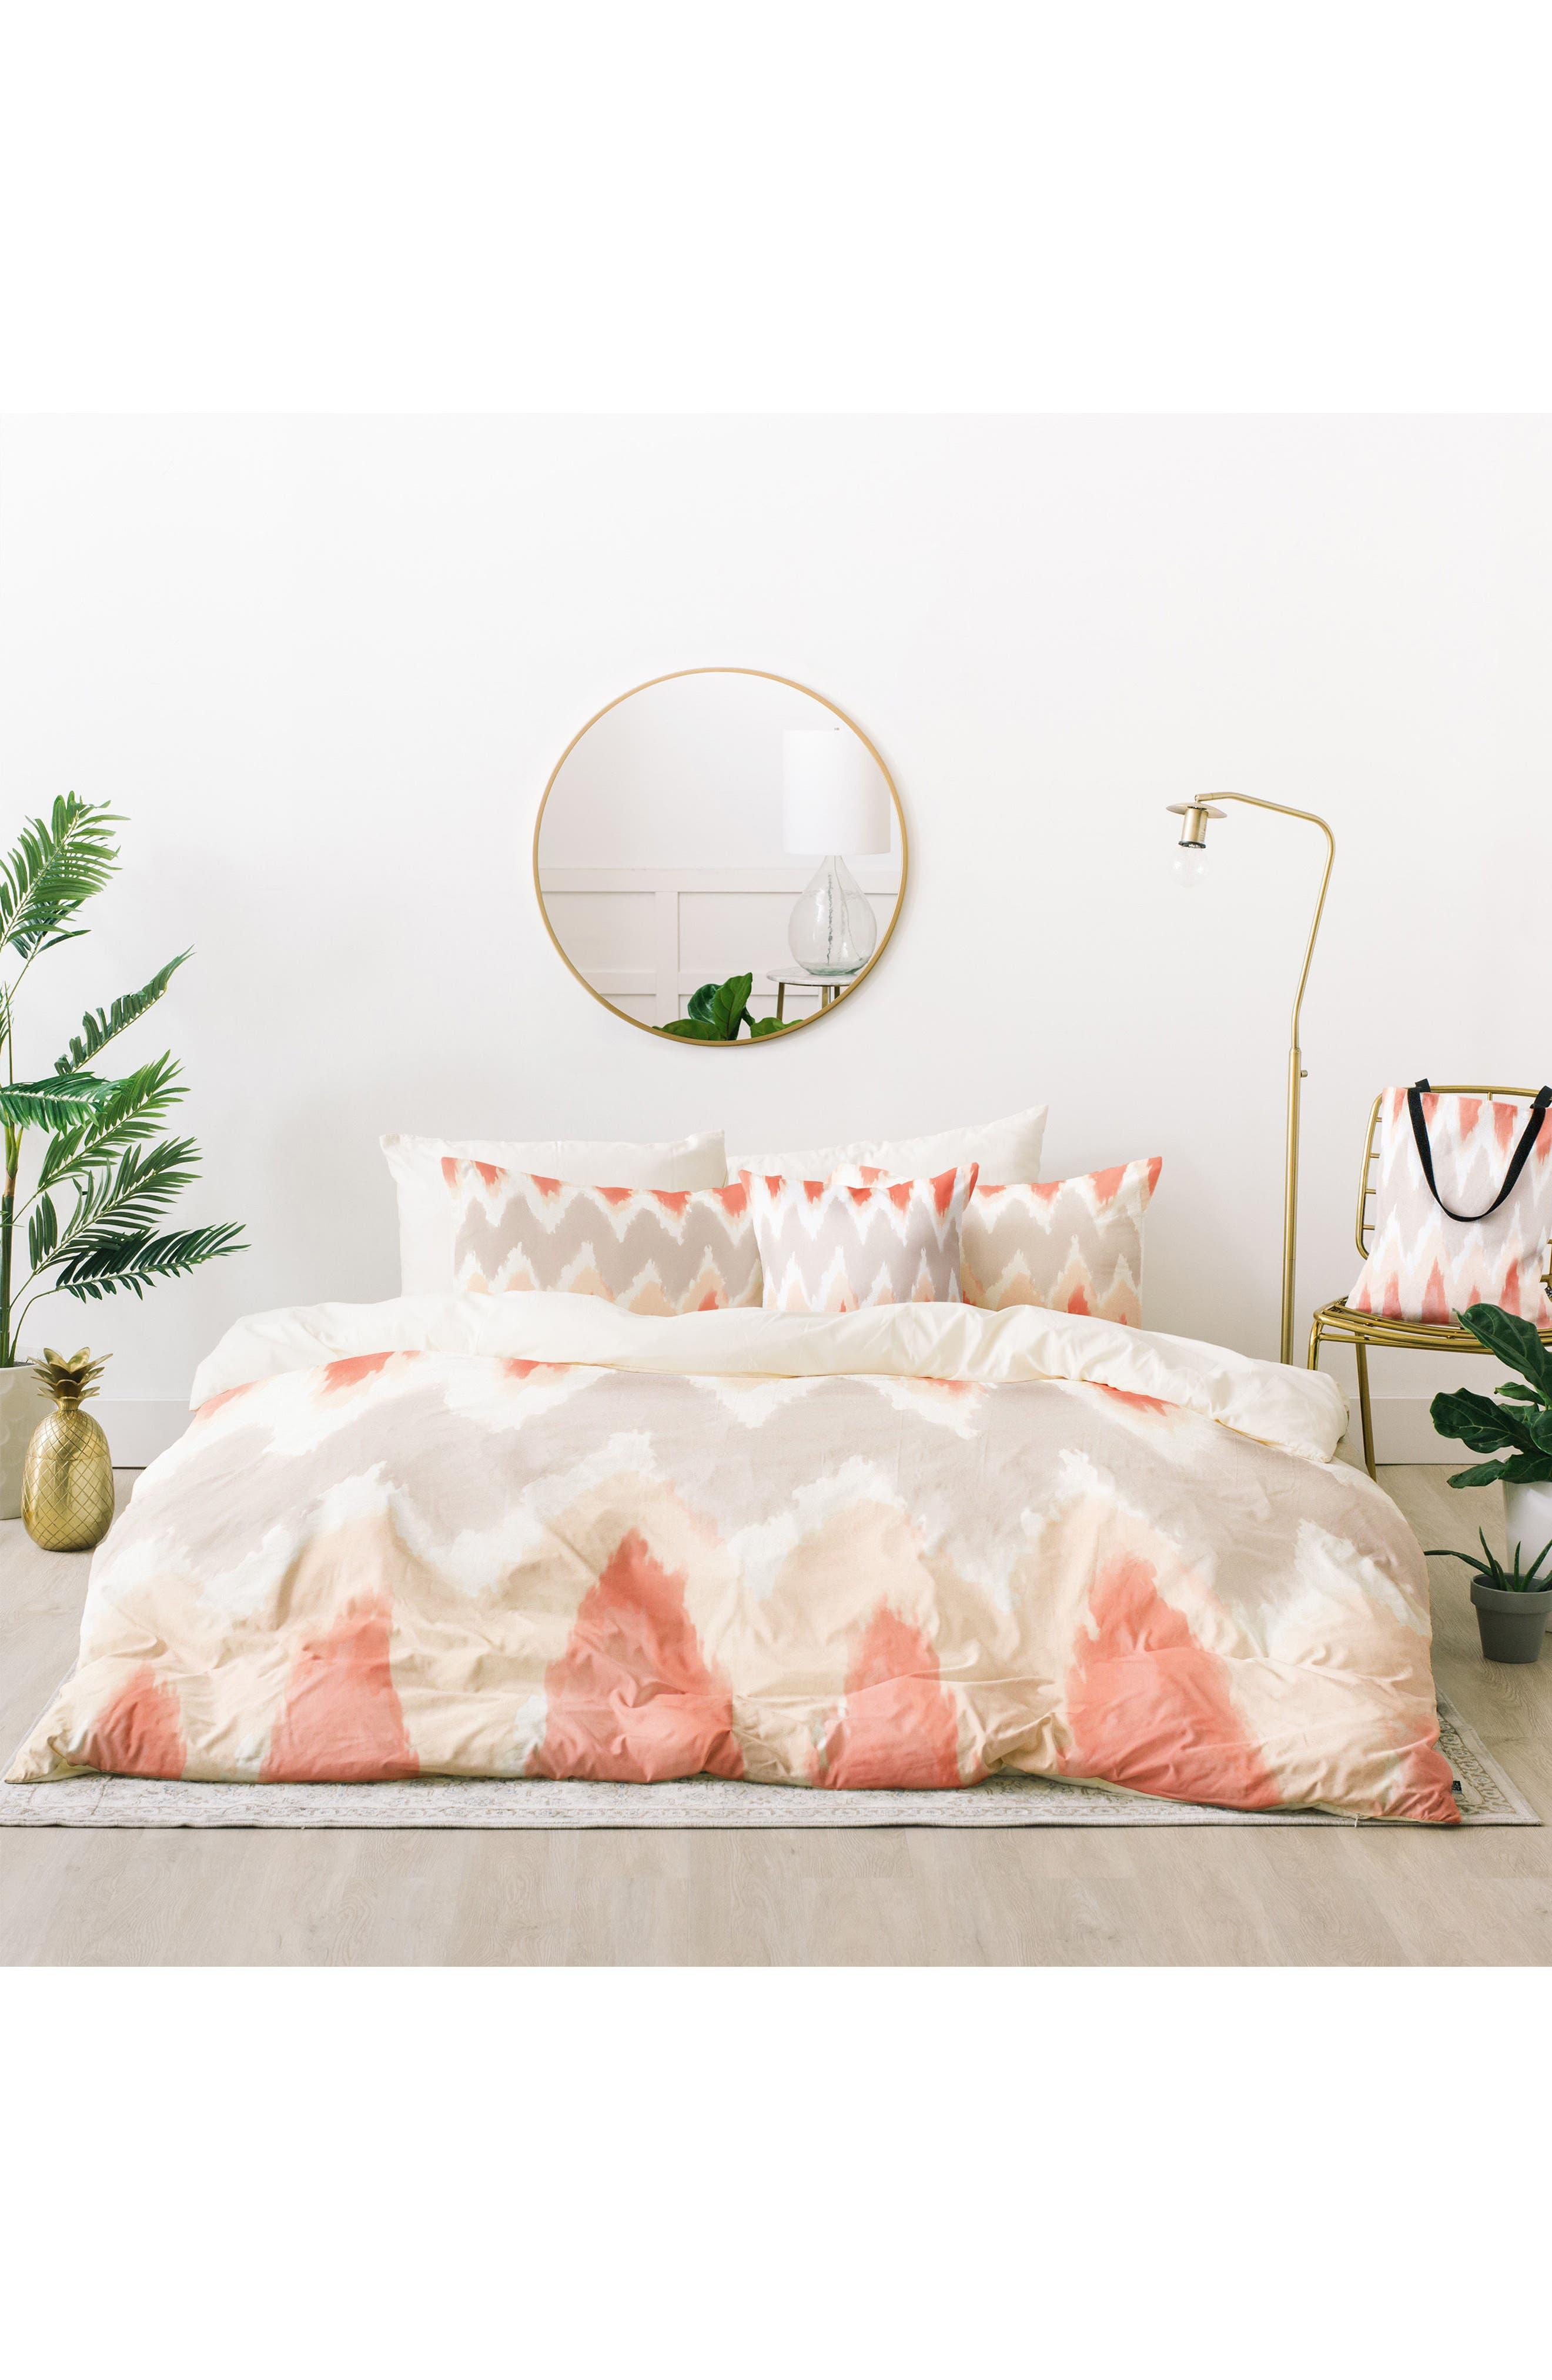 Zoe Wodarz Zigzagzig Bed in a Bag Duvet Cover, Sham & Accent Pillow Set,                             Main thumbnail 1, color,                             Peach Multi